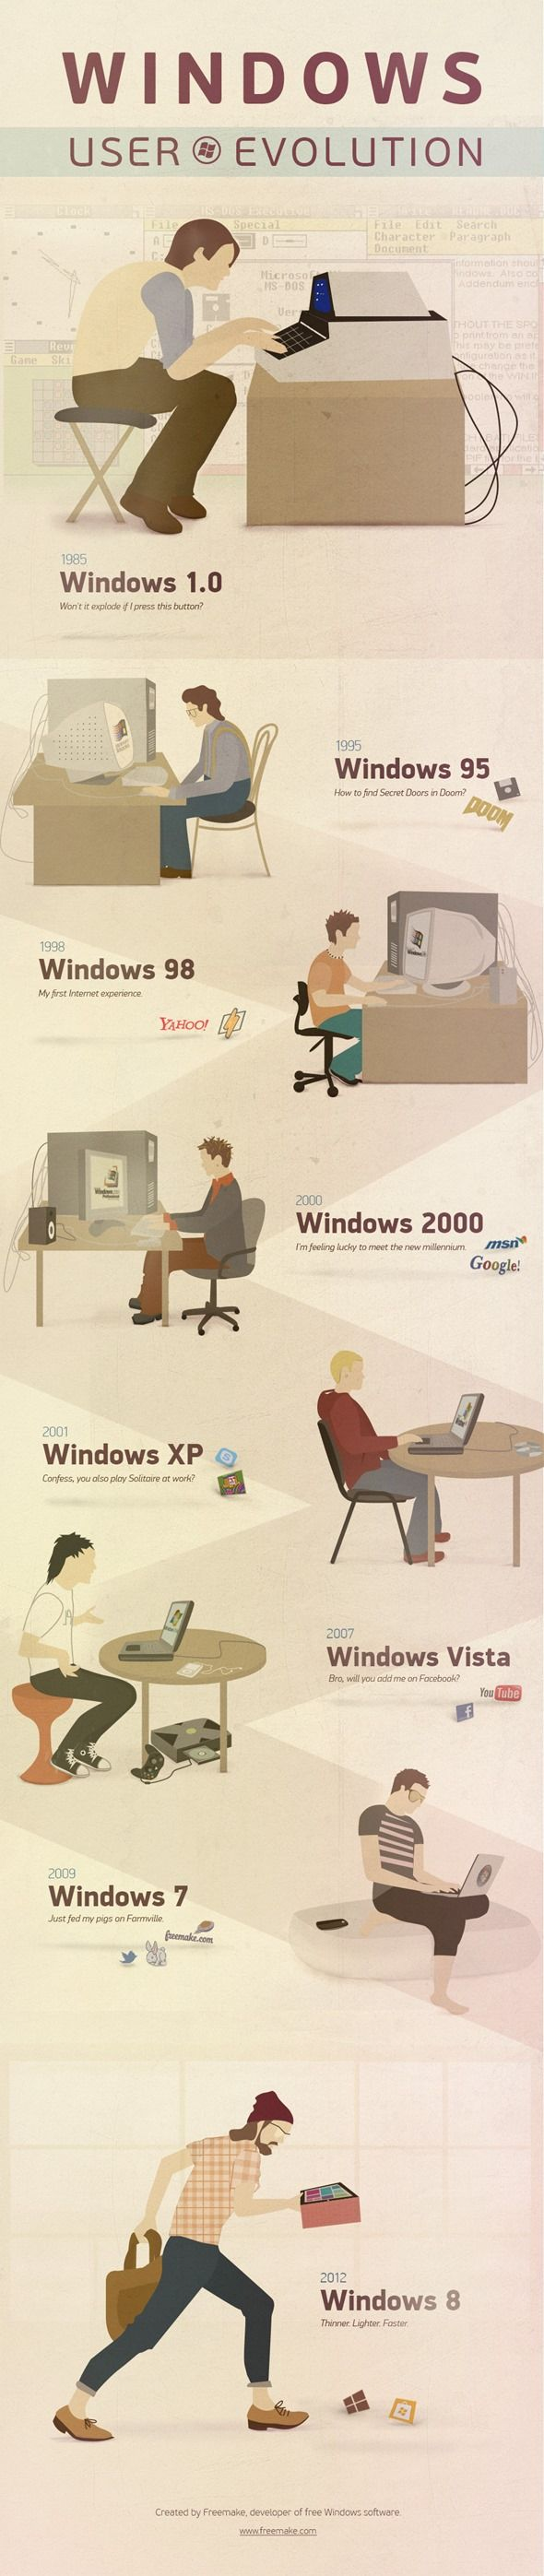 La evolución de los usuarios de Windows desde 1985 hasta 2012 28